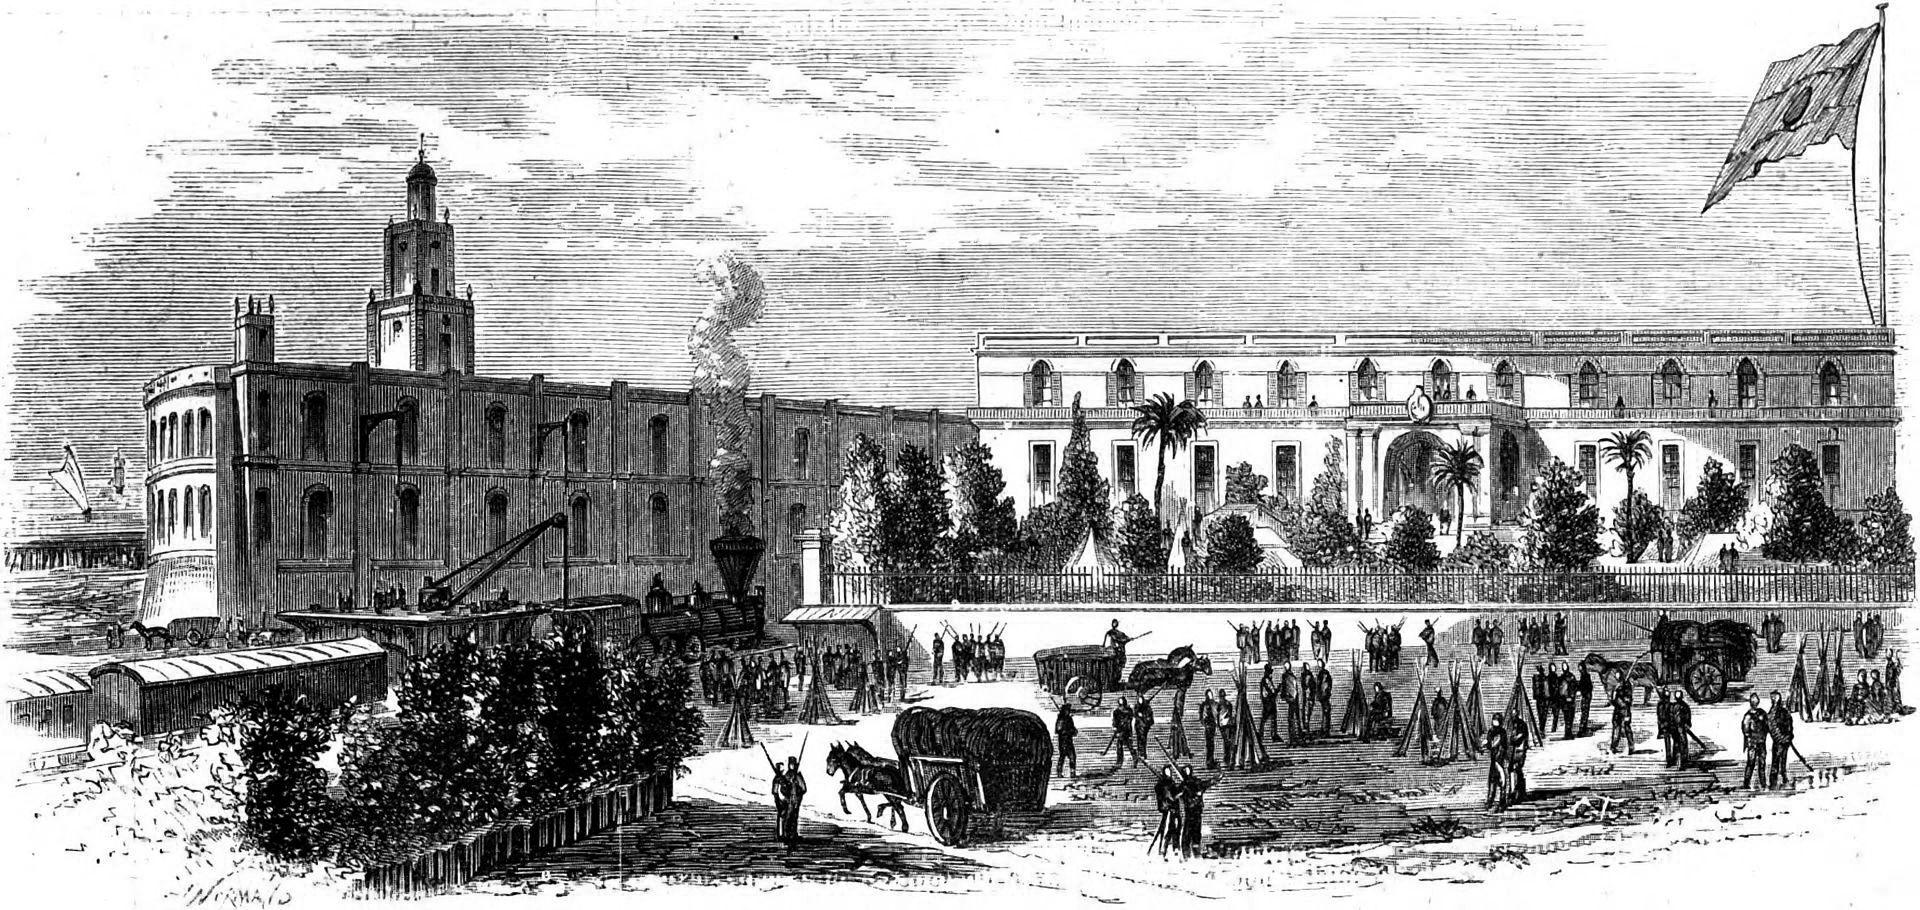 Tropas en la Casa de Gobierno durante la Revolución de 1874. A la izquierda se ve la Aduana Taylor y, a la derecha, la primitiva Casa Rosada.